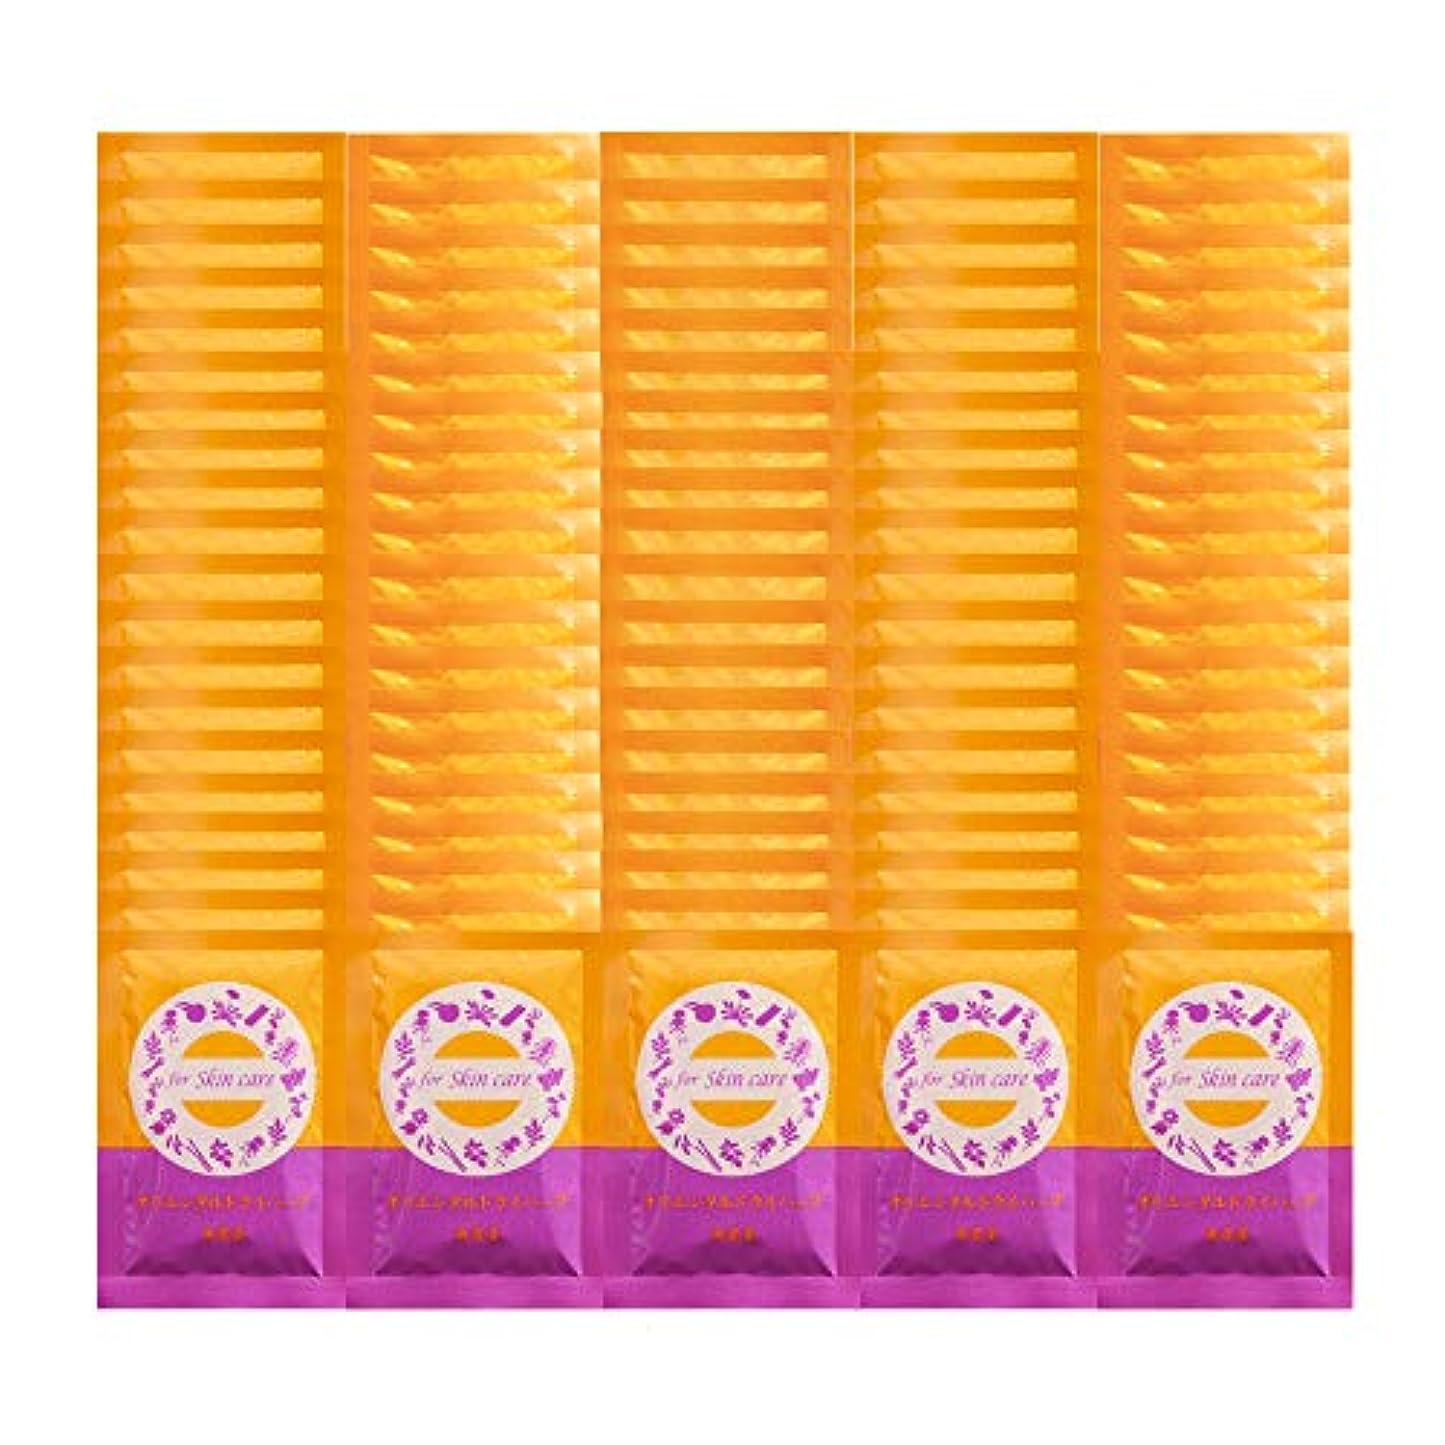 とらえどころのない自発輝度韓方座浴剤 100包 セット ファンジン (皮膚美容用100包)